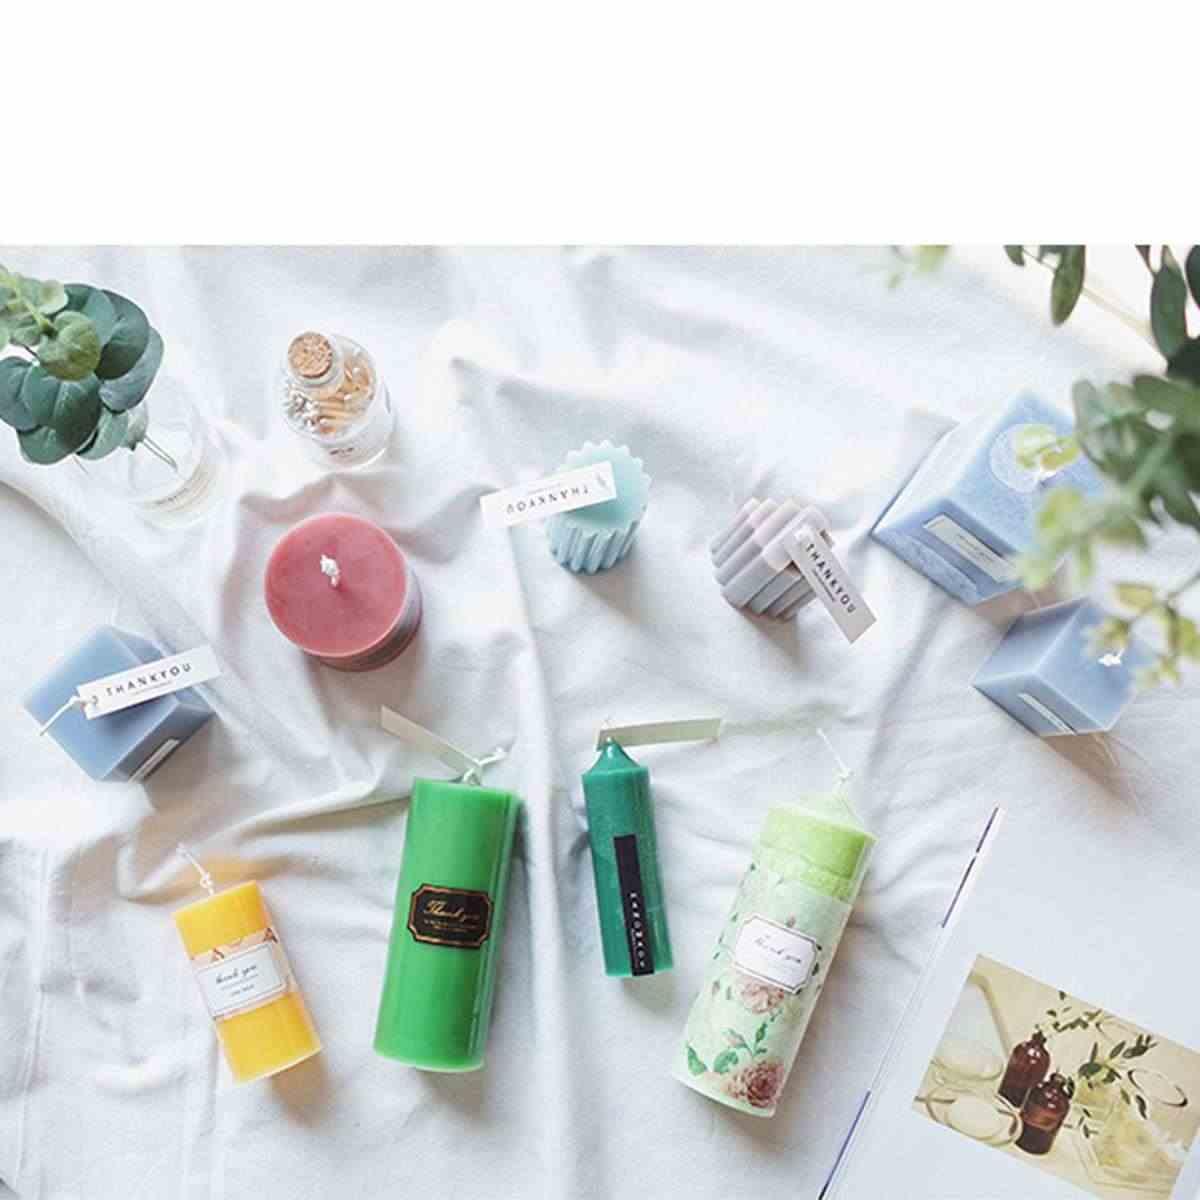 נר עובש DIY אקריליק גבס טיח מלאכות עובש כיכר סבון נר שרף בעבודת יד תוצרת בית סבון עובש חימר מלאכת כלים מתנה